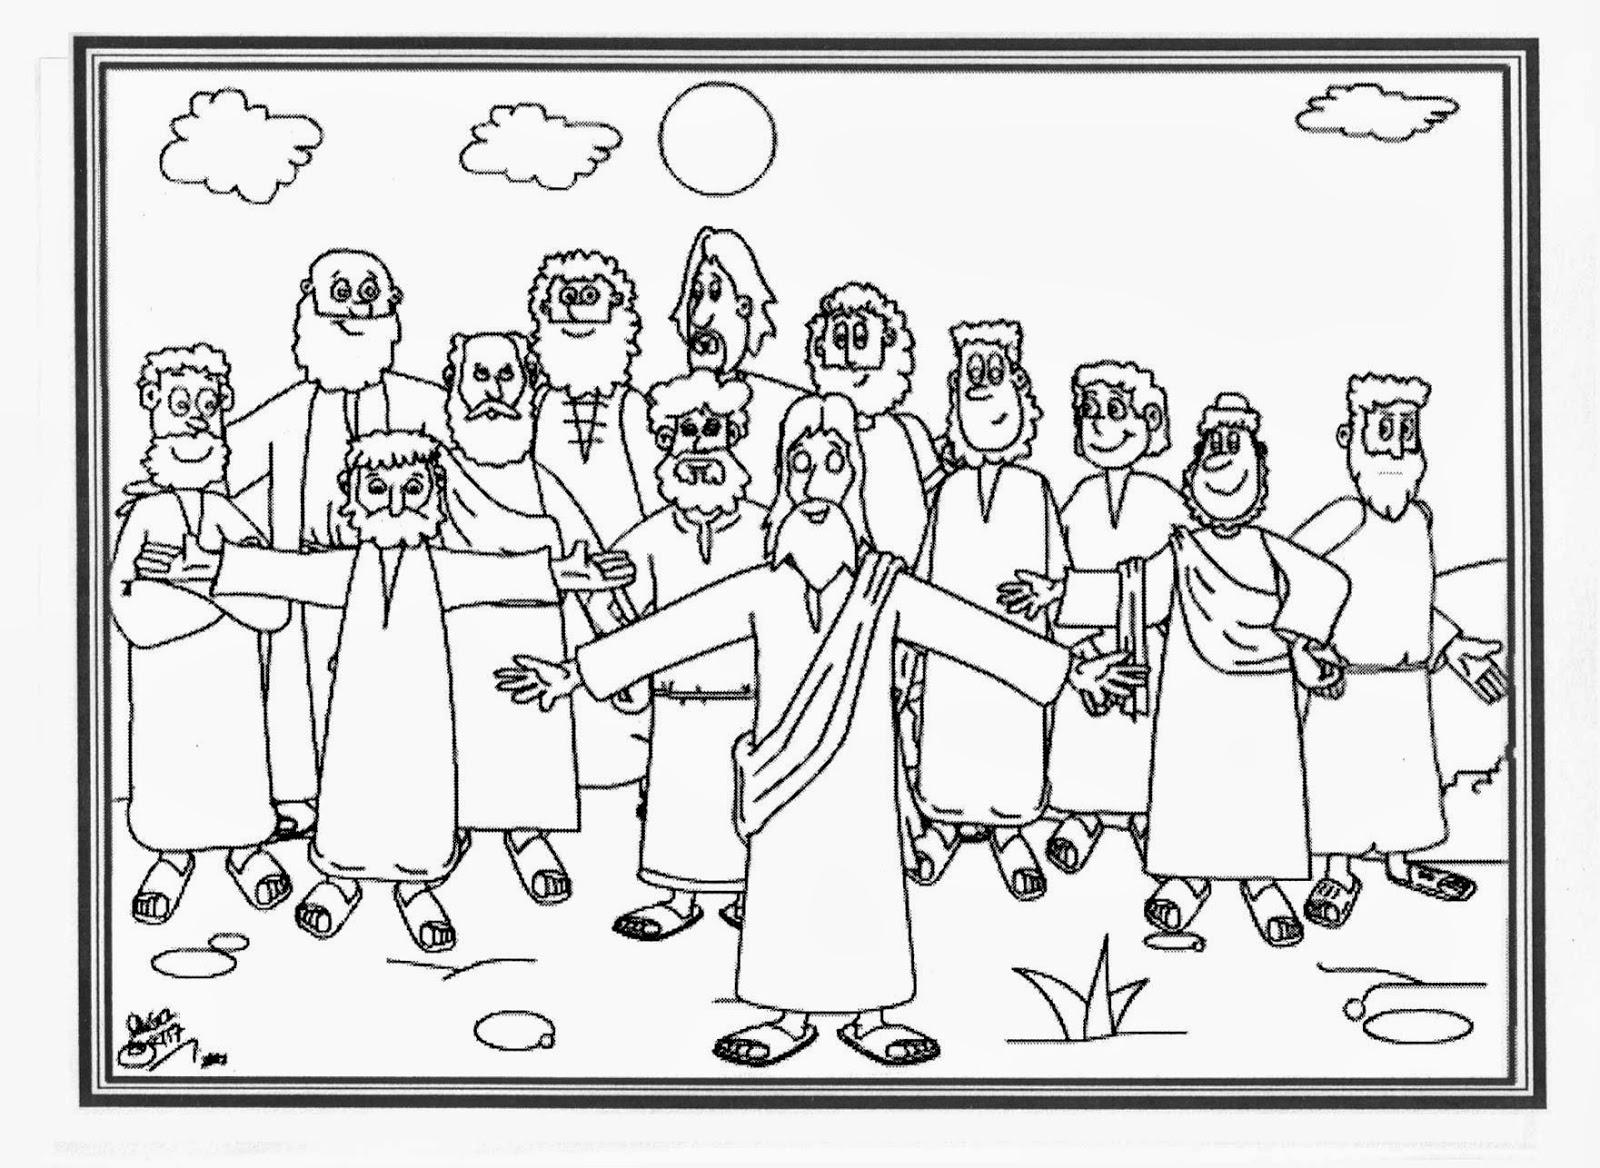 Imagenes Cristianas Para Colorear Dibujos Para Colorear De Los Doce Discipulos